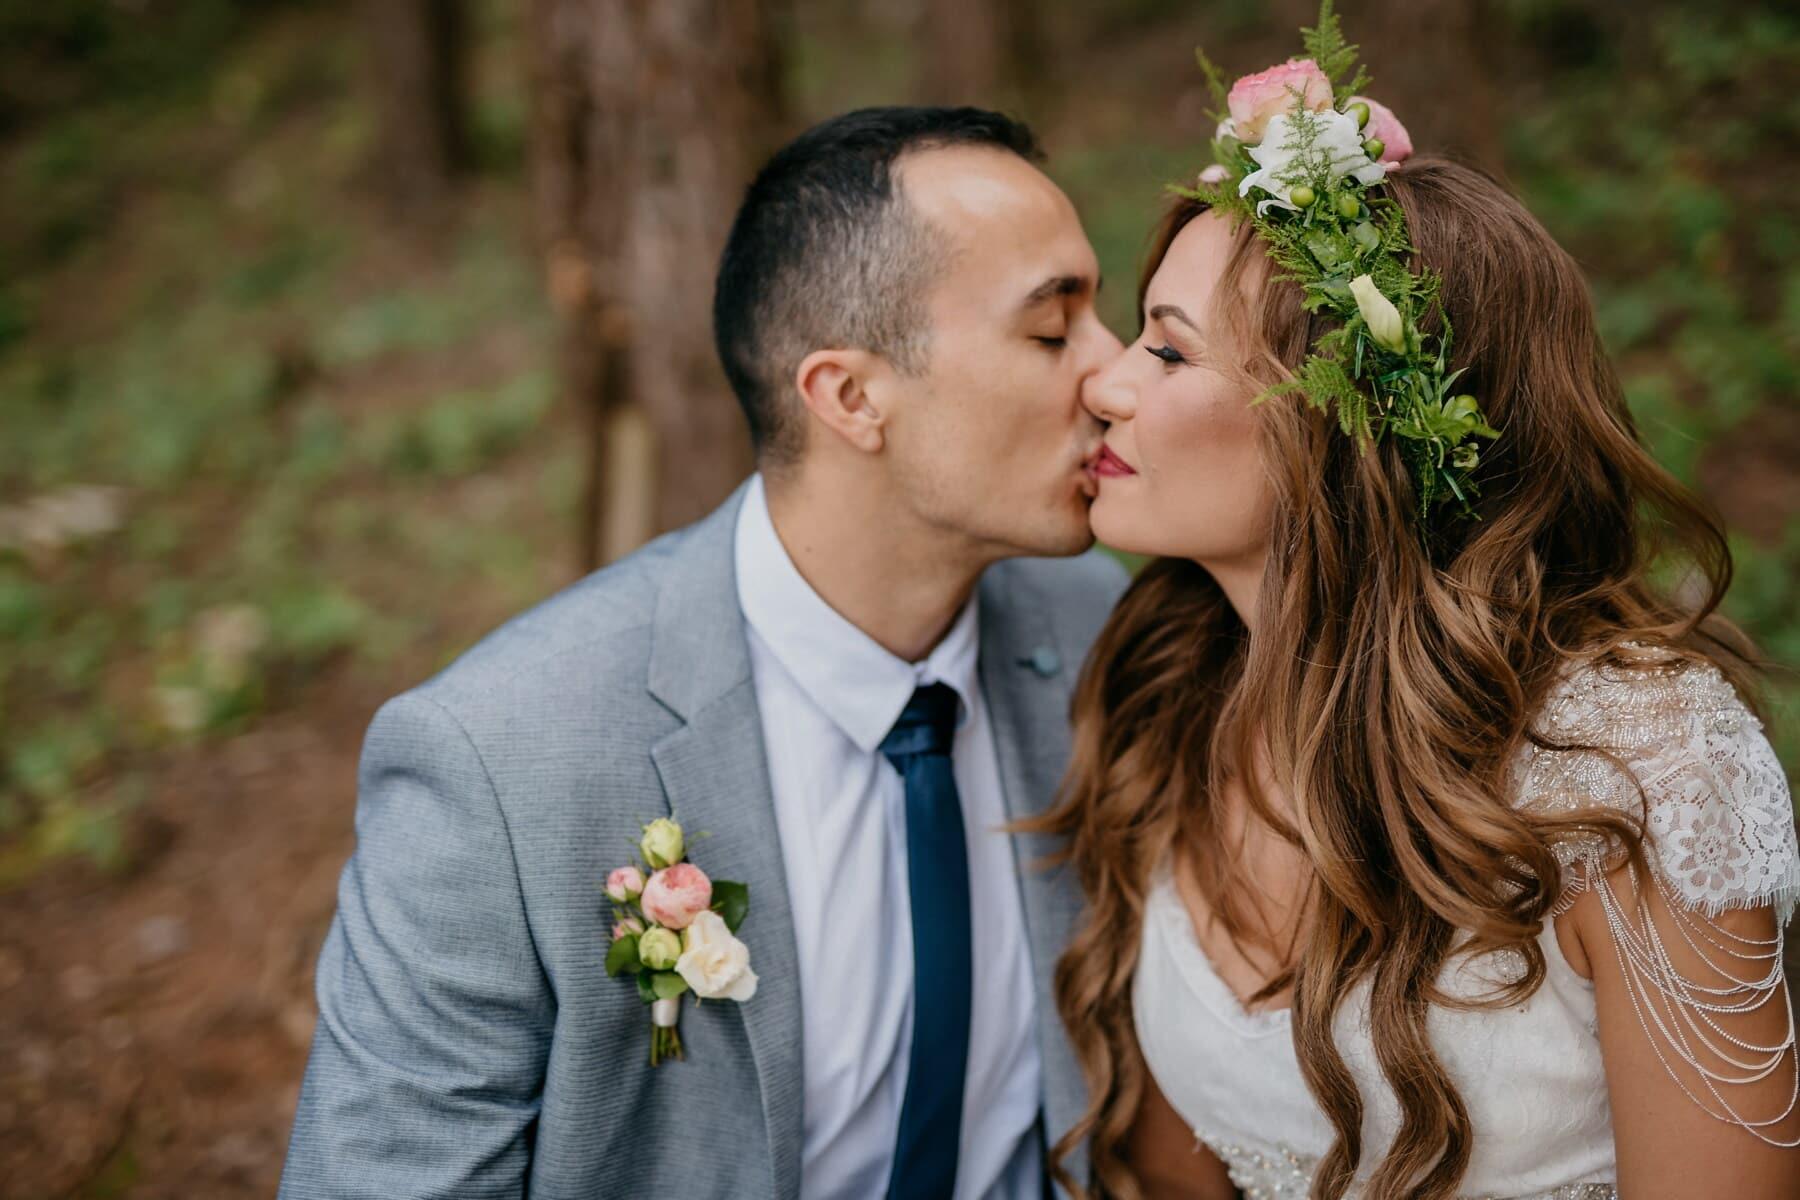 tendresse, la mariée, baiser, affection, jeune marié, homme, costume, entreprise, amour, romance